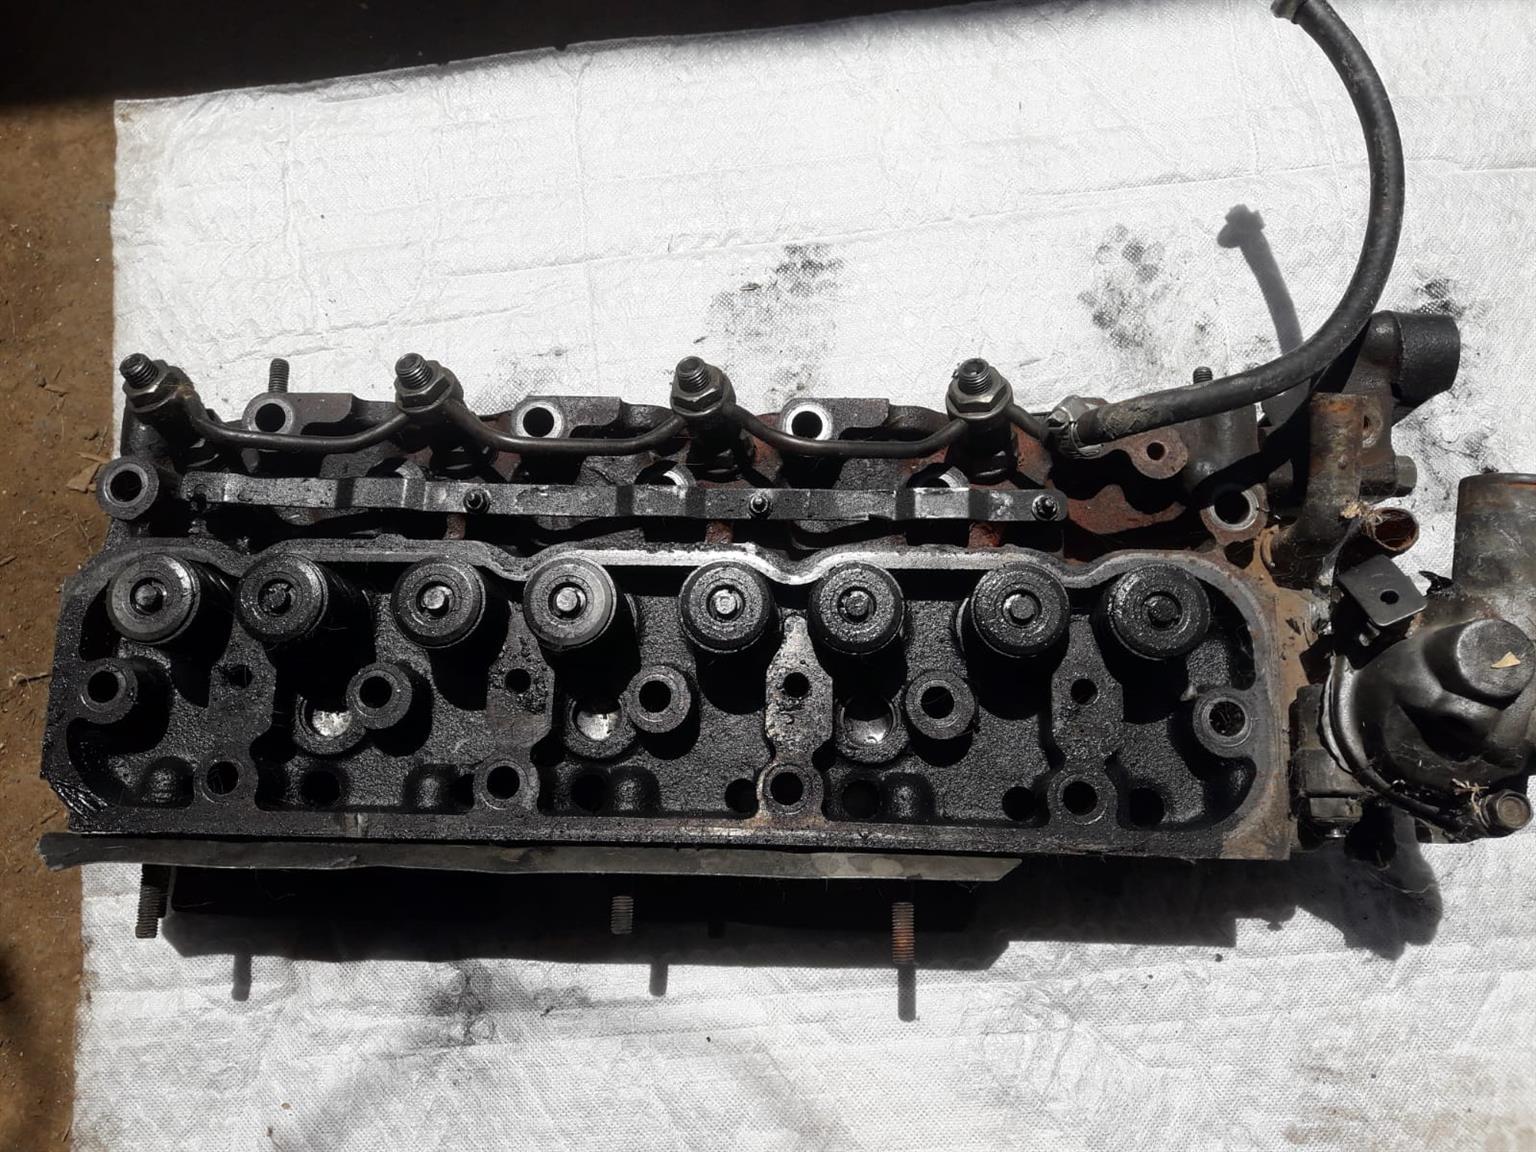 JMC engine spares